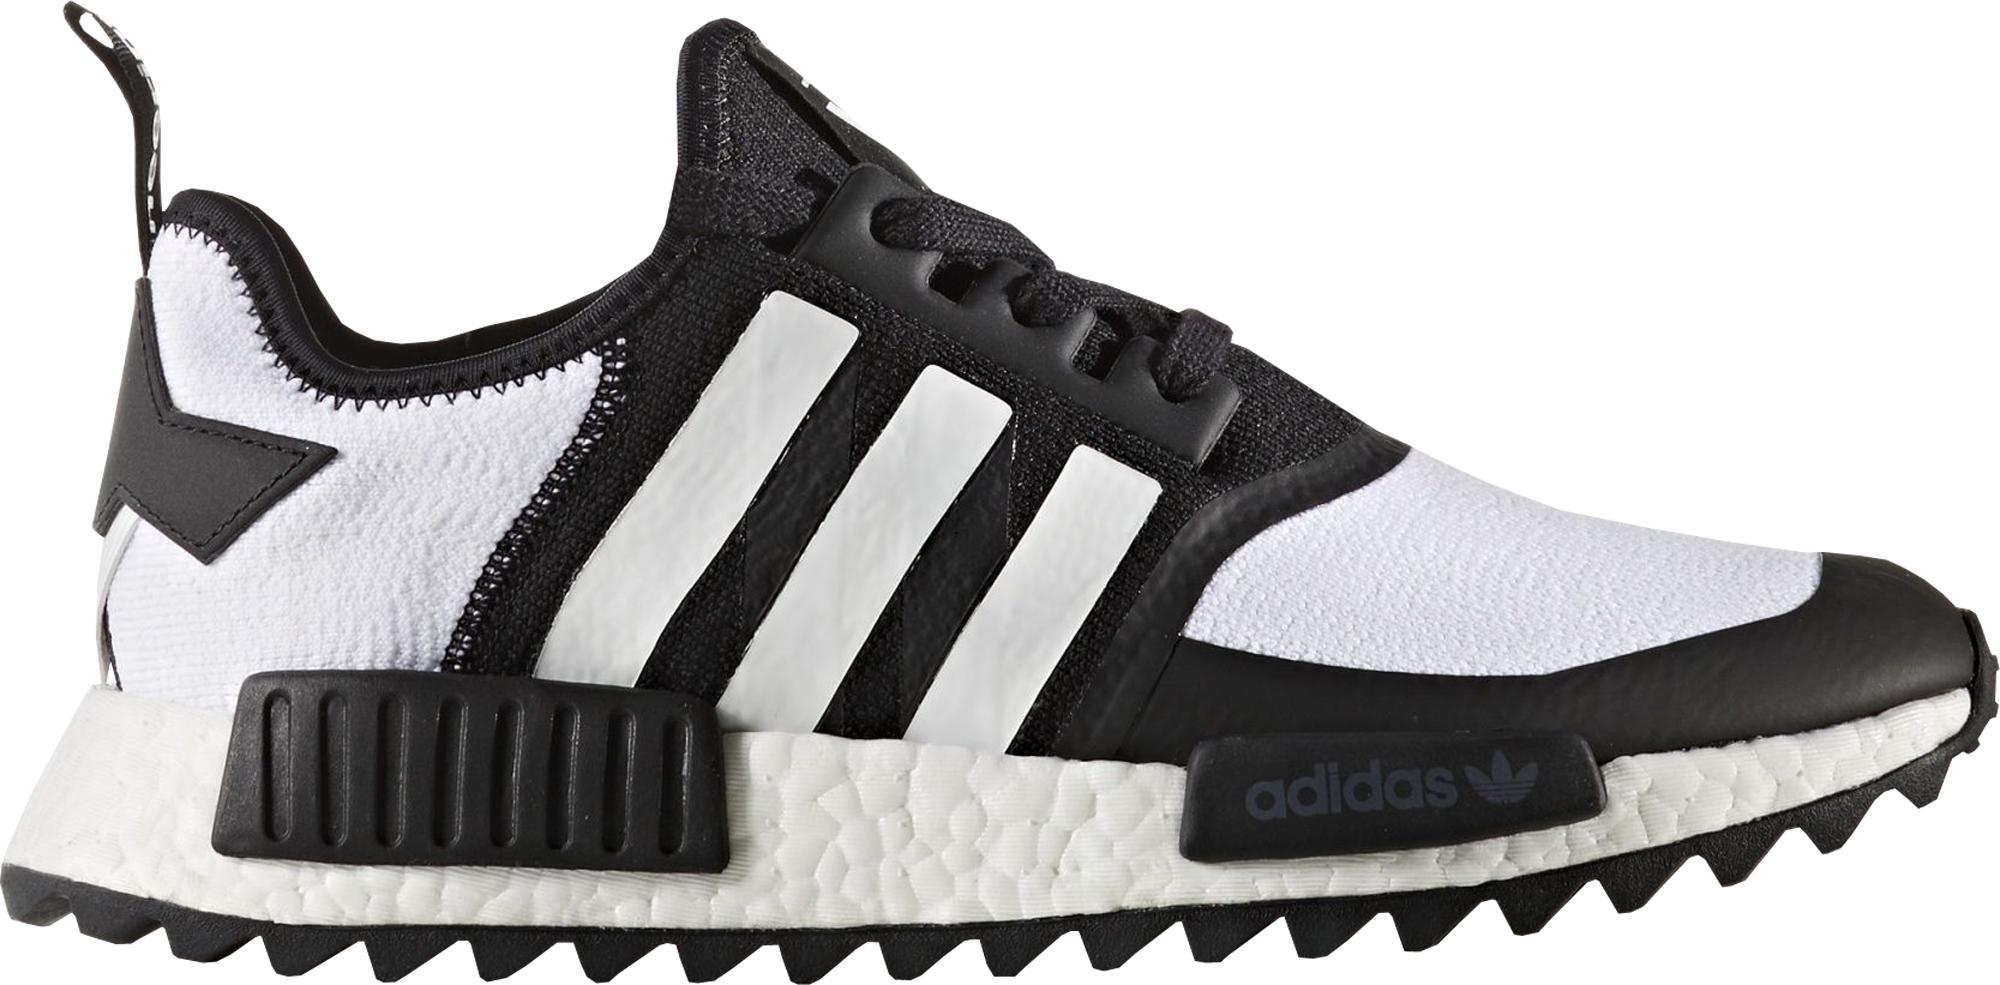 adidas nmd r1 spur weißen bergsteigen schwarz - weiß